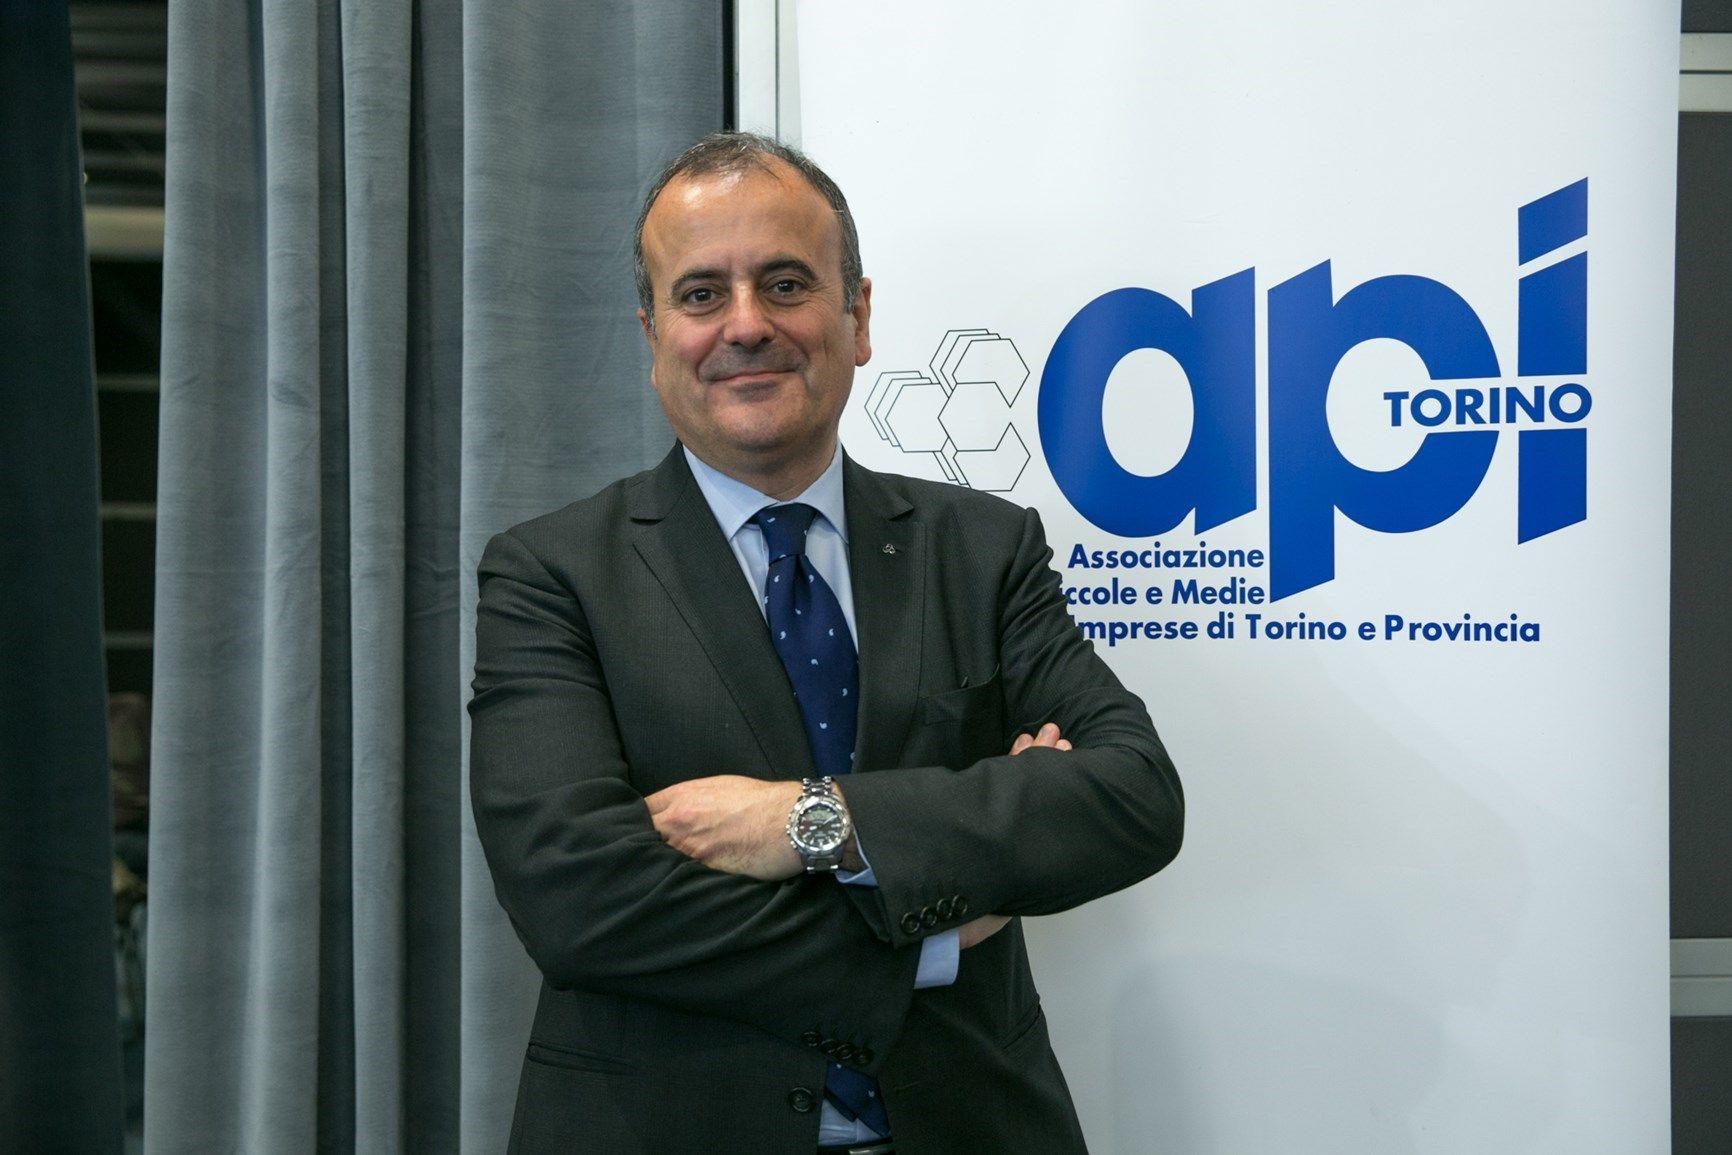 Hub vaccinale presso la sede API Torino: un Thermal Gate Urmet effettua il 'pre-triage'